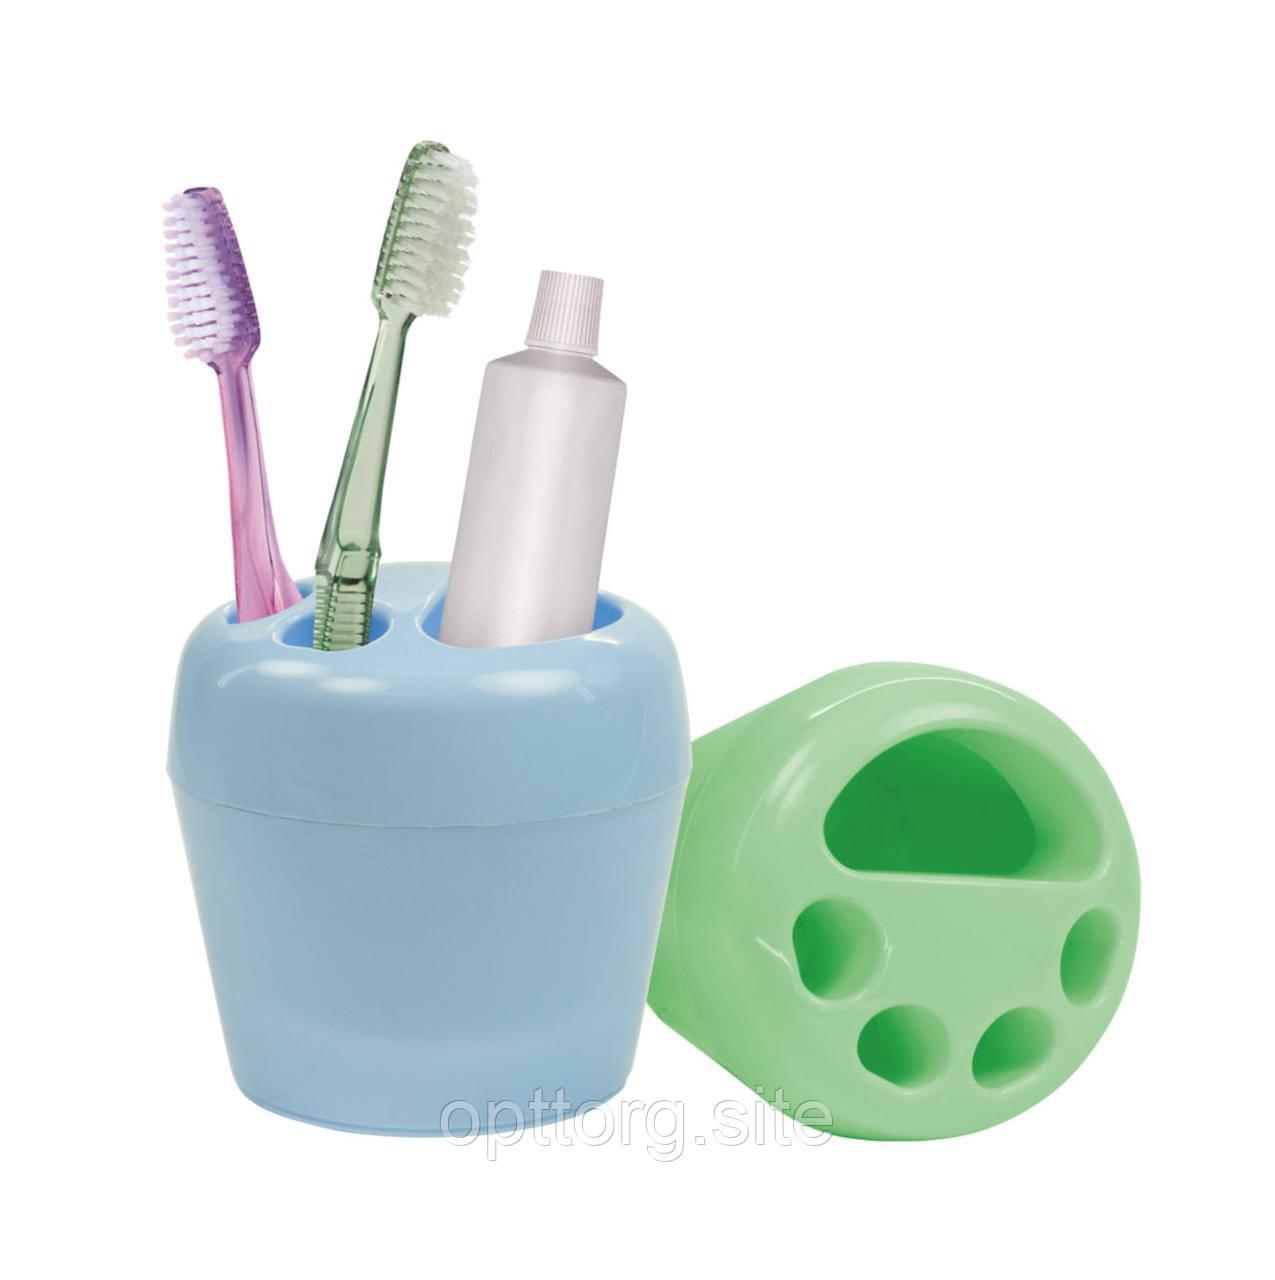 Стакан для зубных щёток Фантазия 11,3х11,3х11,5 см Альтернатива М1155